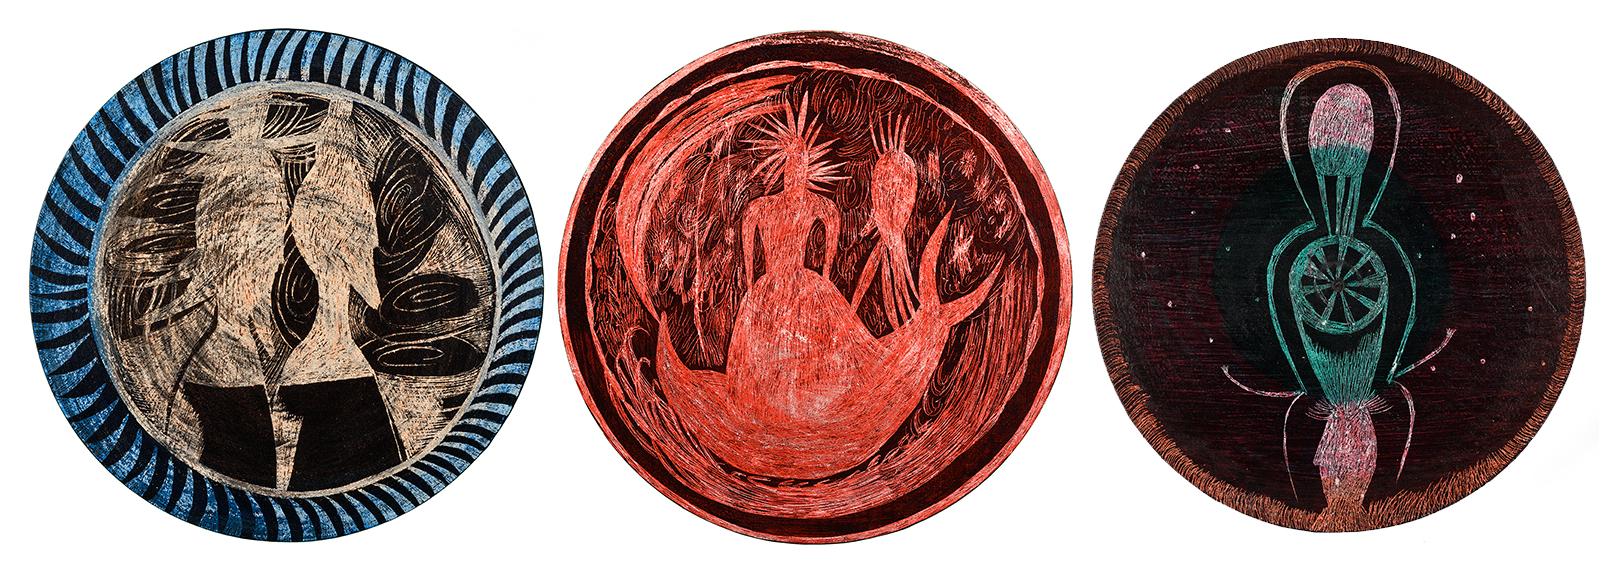 PÚBLICO - No Museu do Dinheiro, Luís Silveirinha transfigura uma iconografia